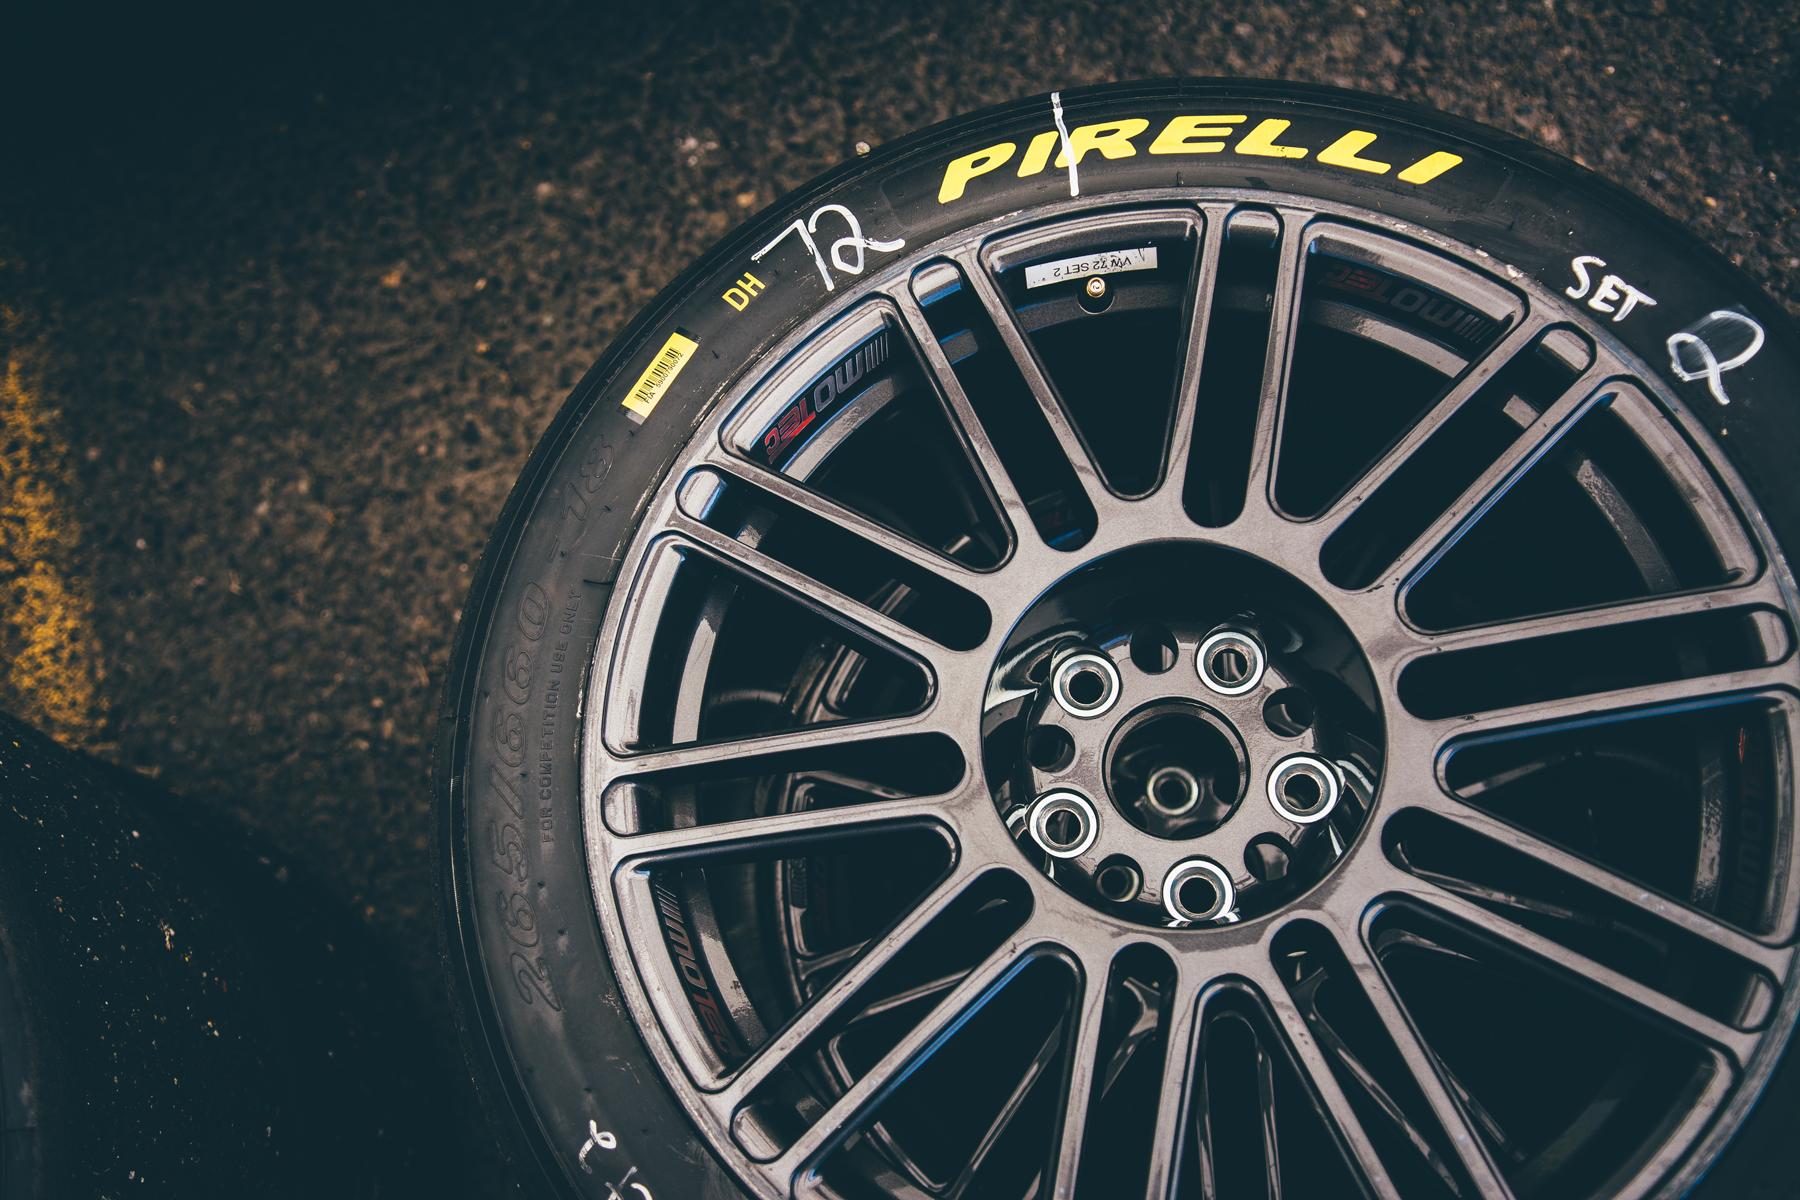 pirelli-world-challenge-pir-fcp-euro-mk7-volkswagen-gti-tcr-07.jpg